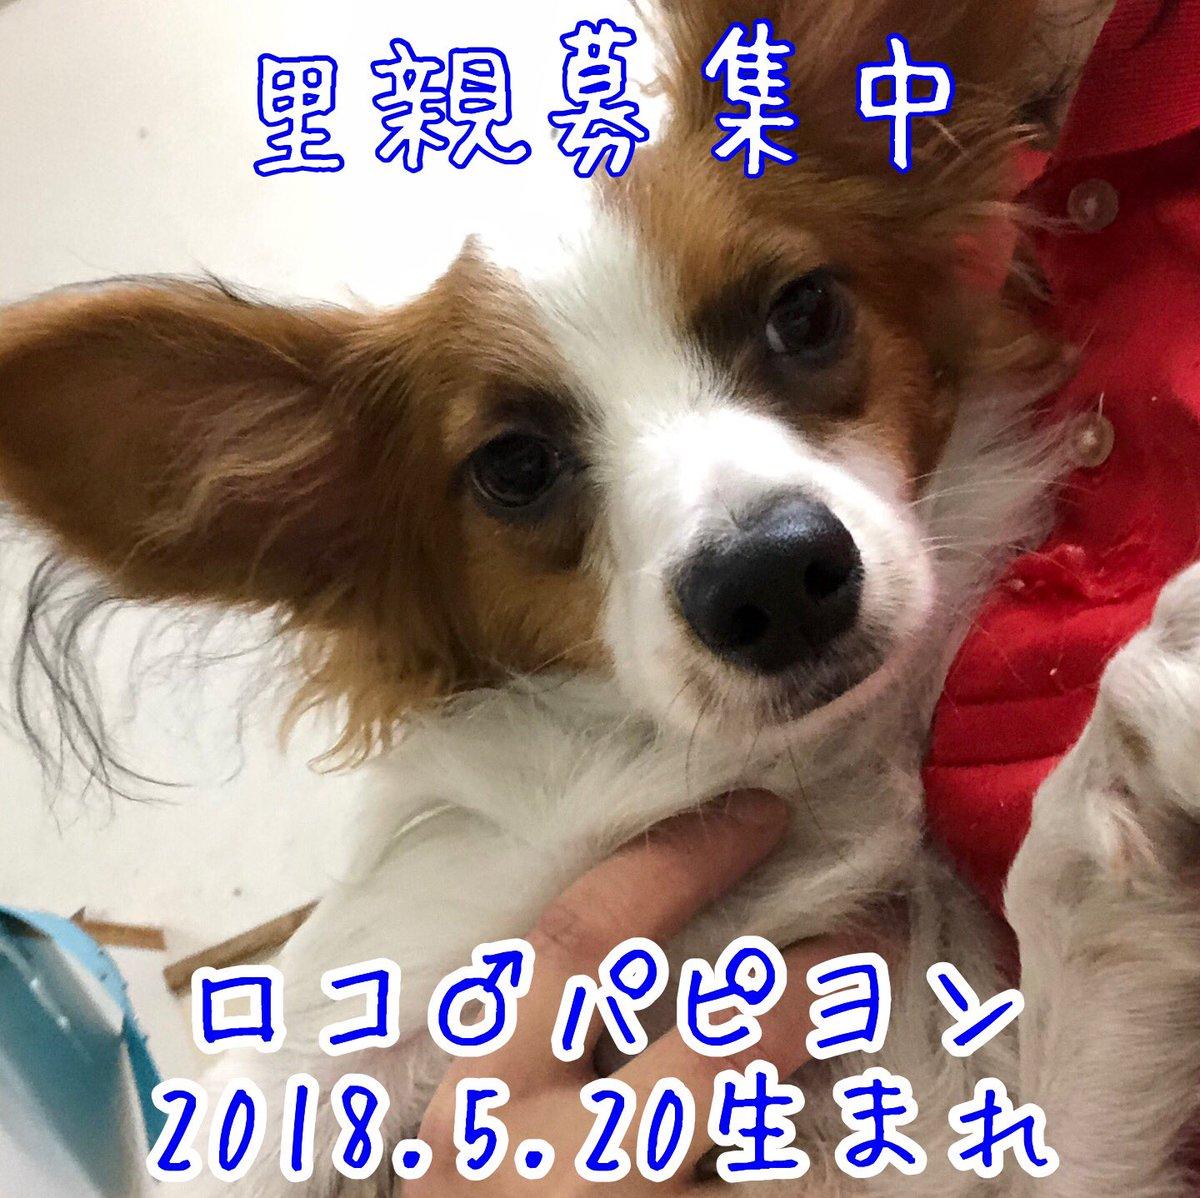 保護犬カフェ 鶴橋店 S Tweet 里親さま募集中 移動などの可能性